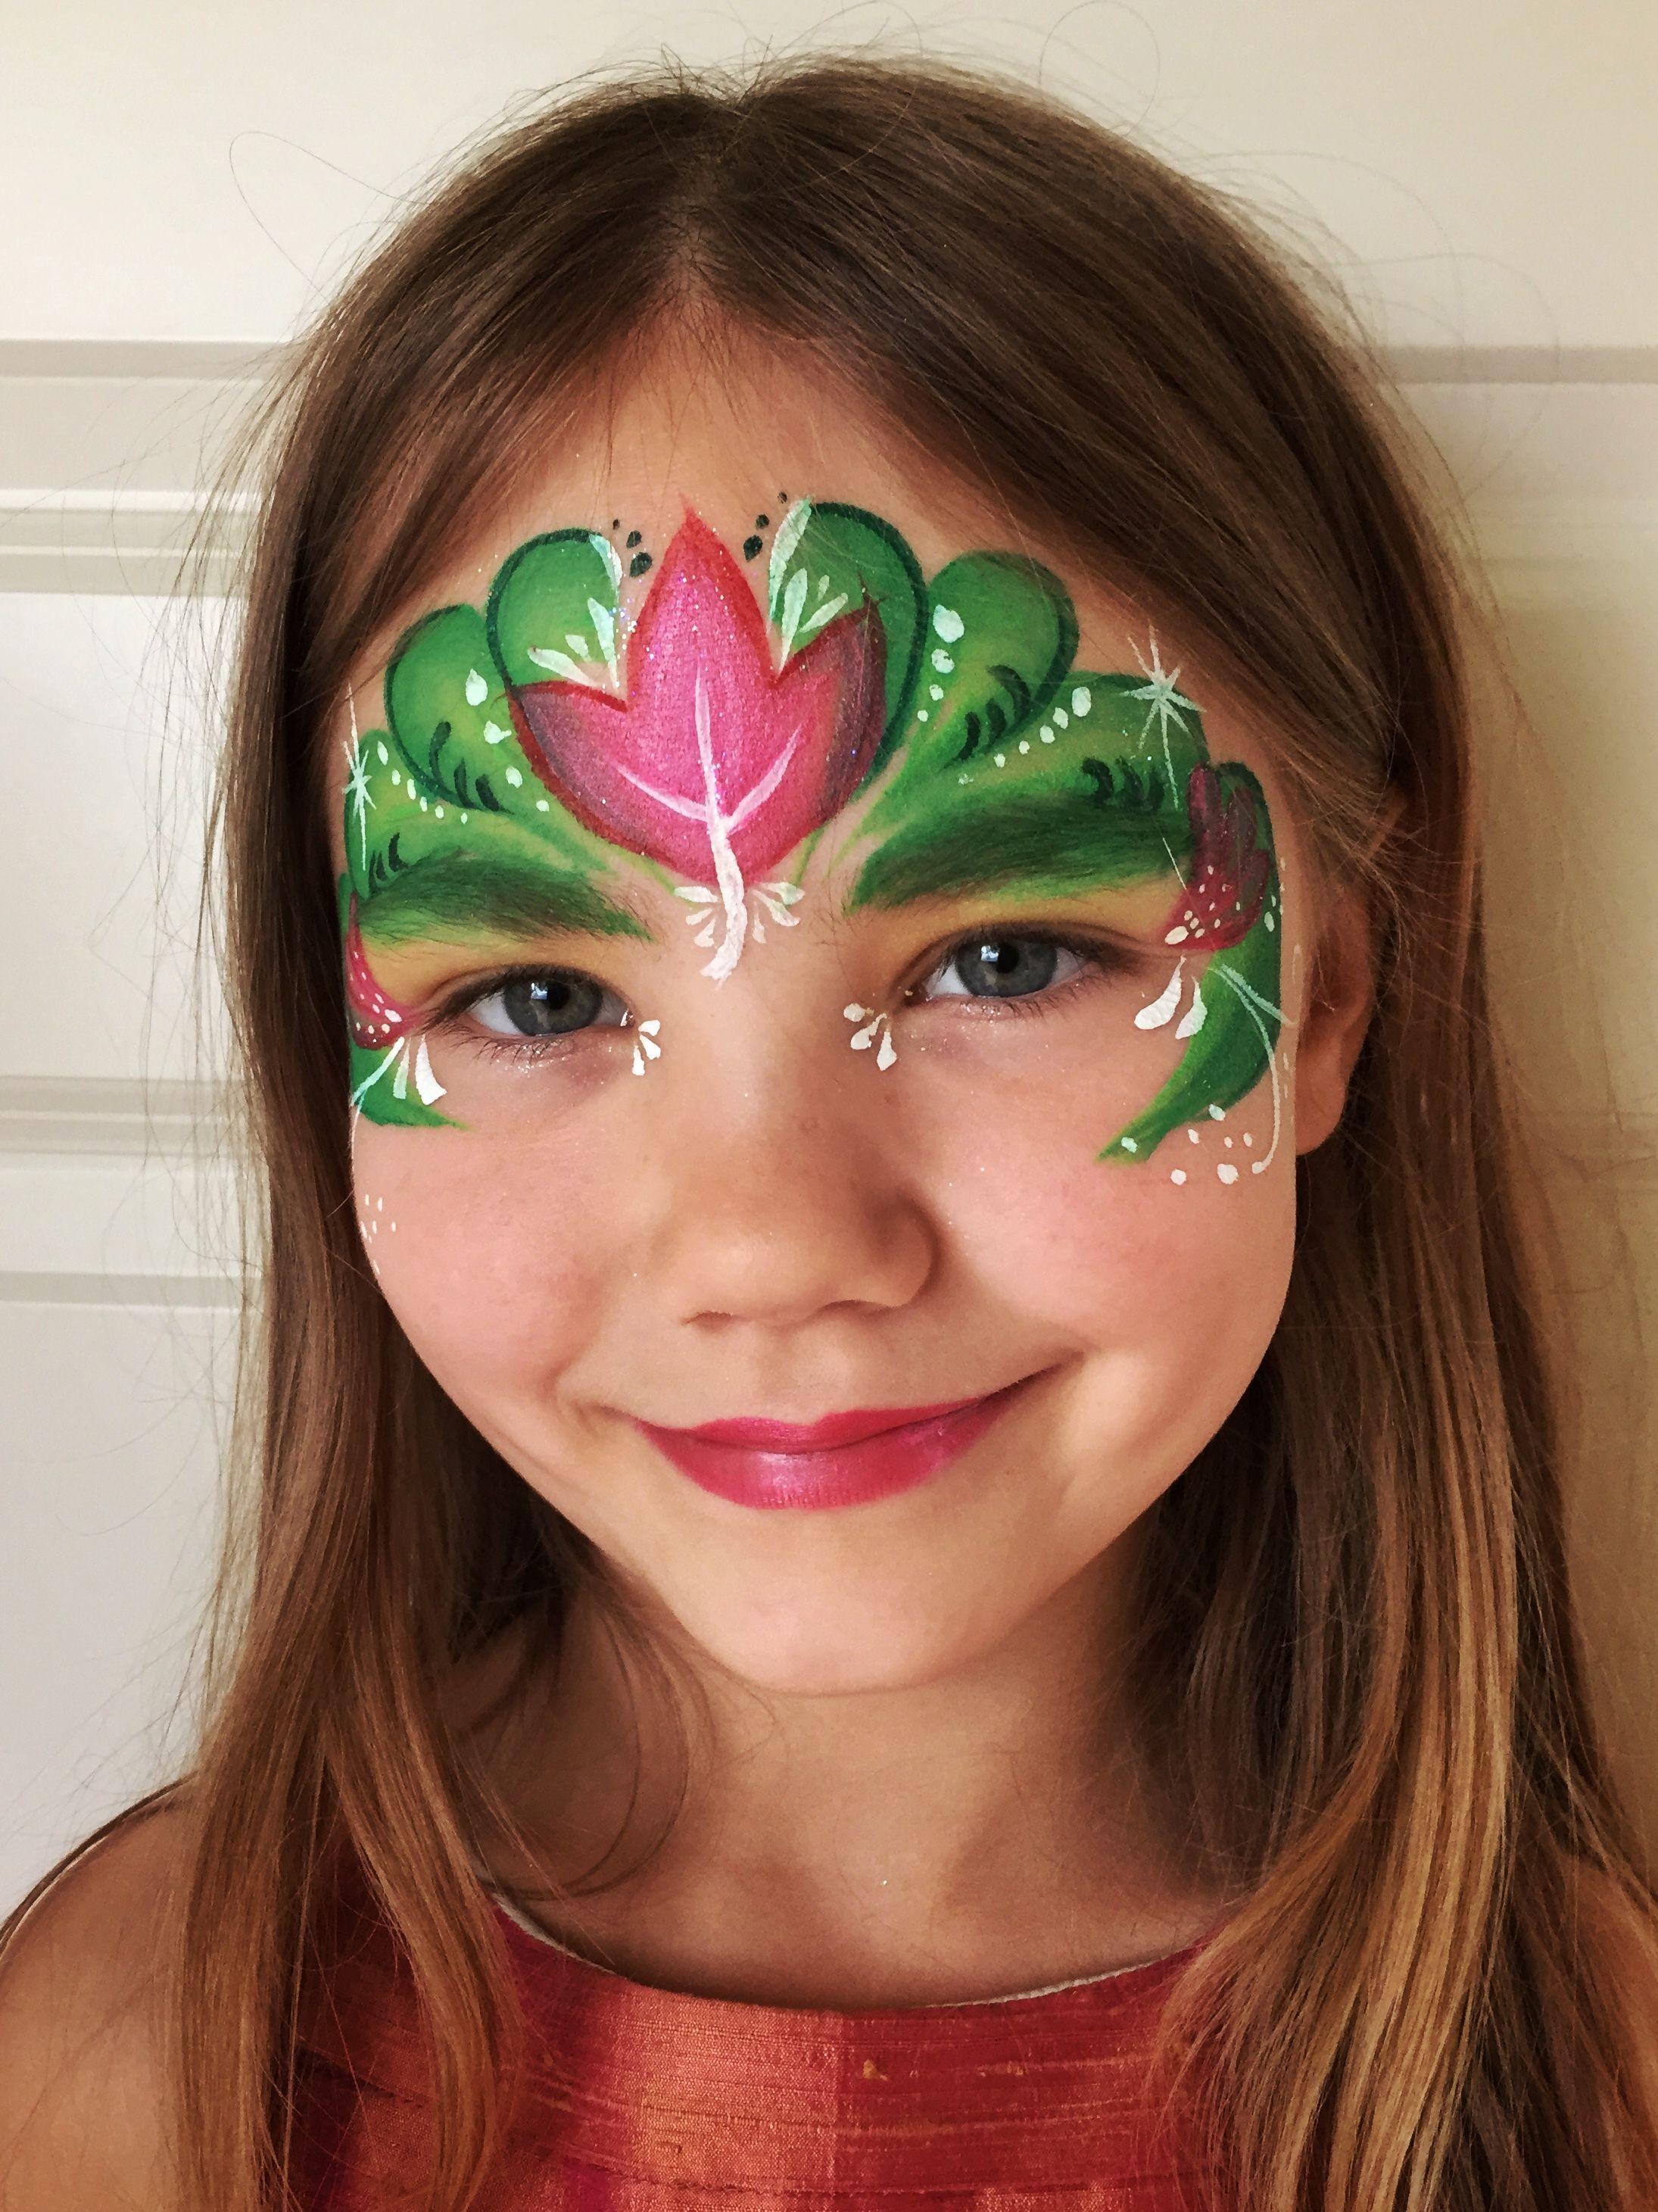 Anna from Frozen #facepaint #anna #frozen #flowers ...